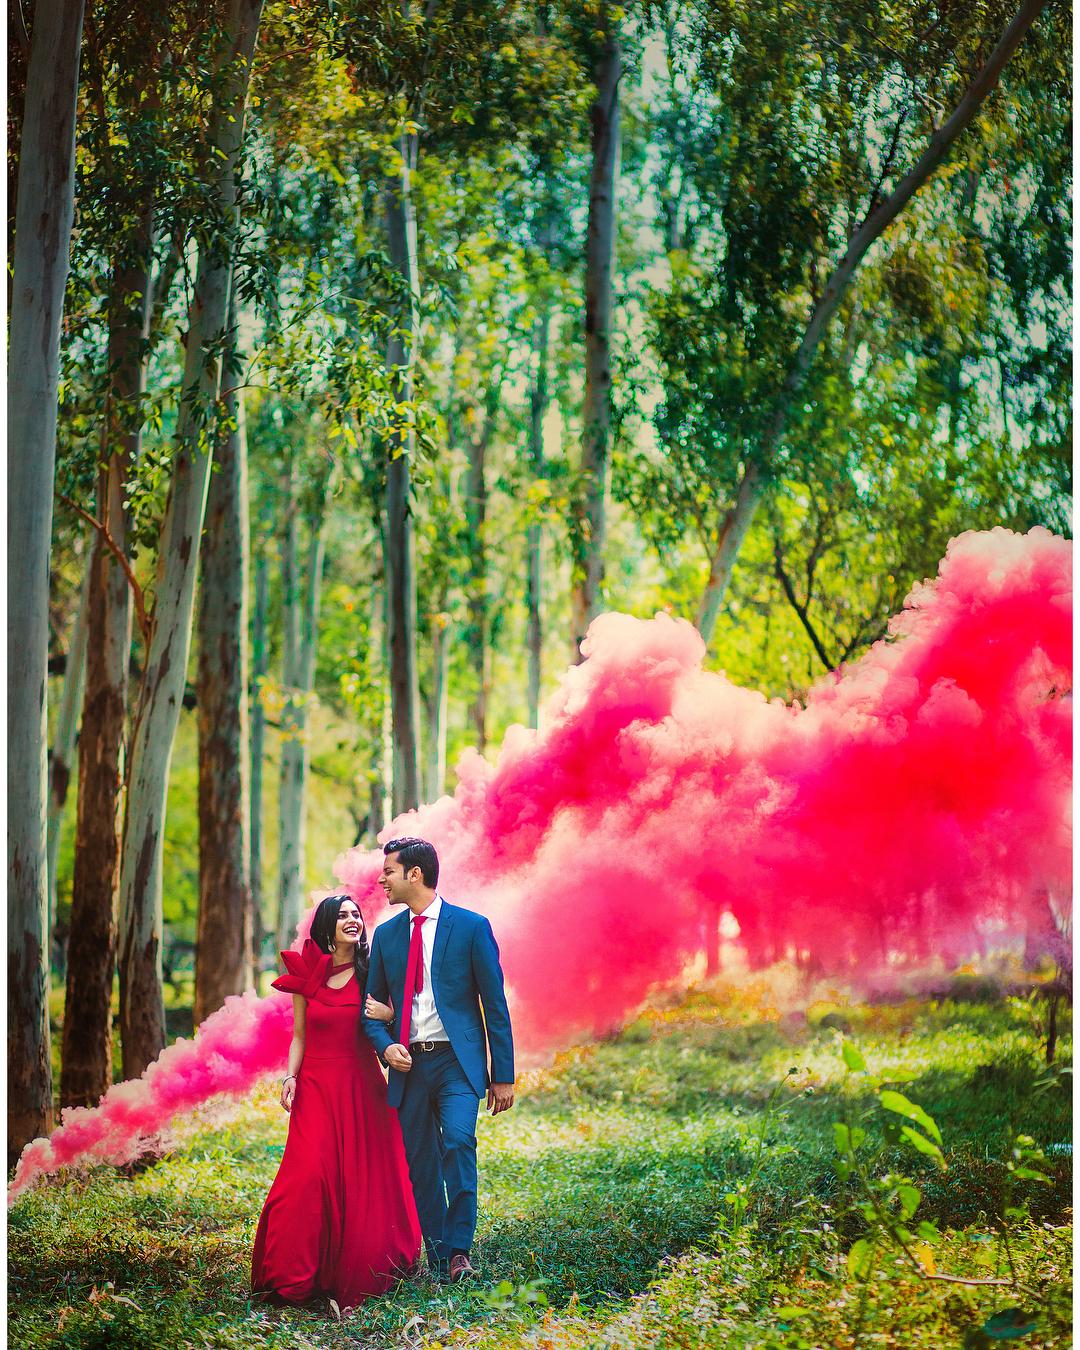 Pre Wedding Outdoor Ideas: 10 Super Unique & Fresh Pre-Wedding Shoot Ideas